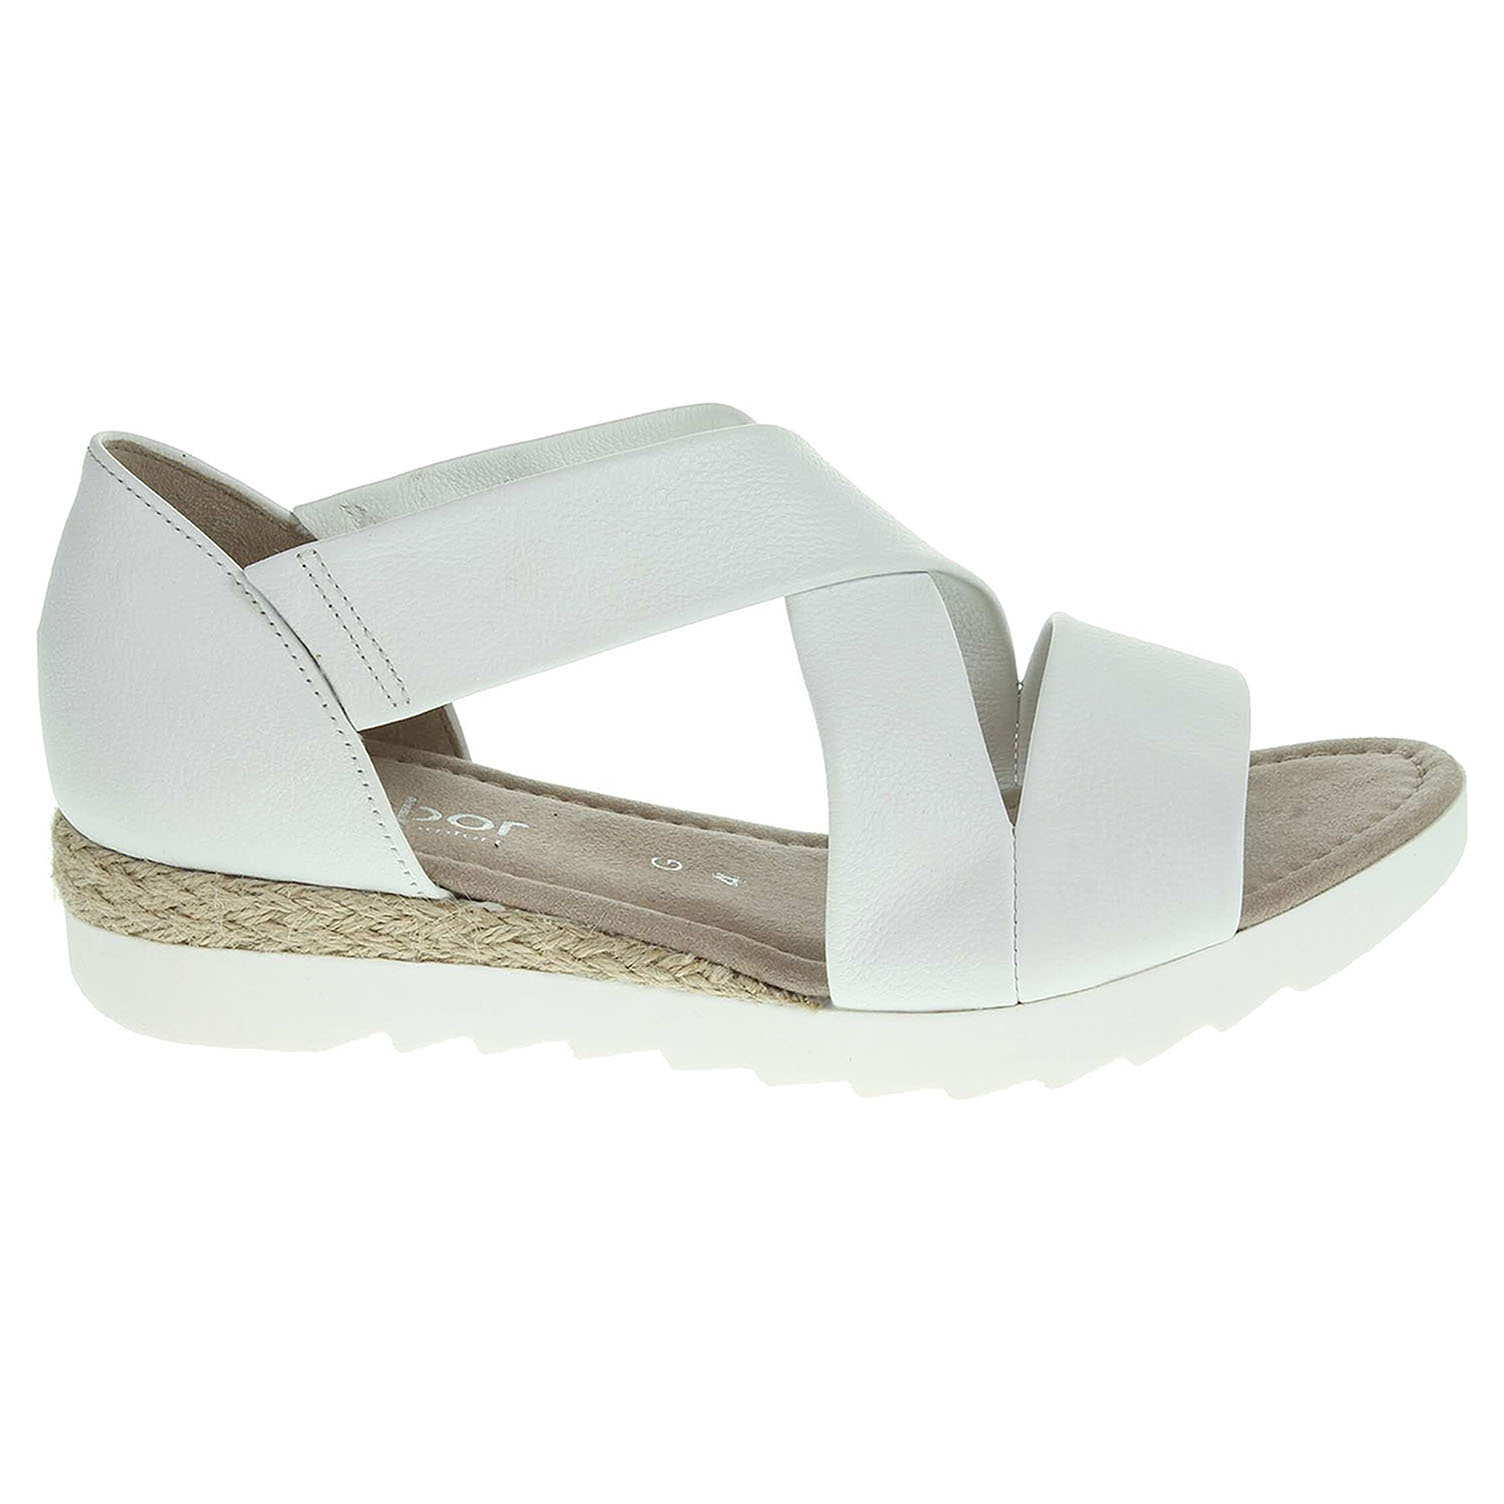 Ecco Gabor dámské sandály 62.711.50 bílé 23800996